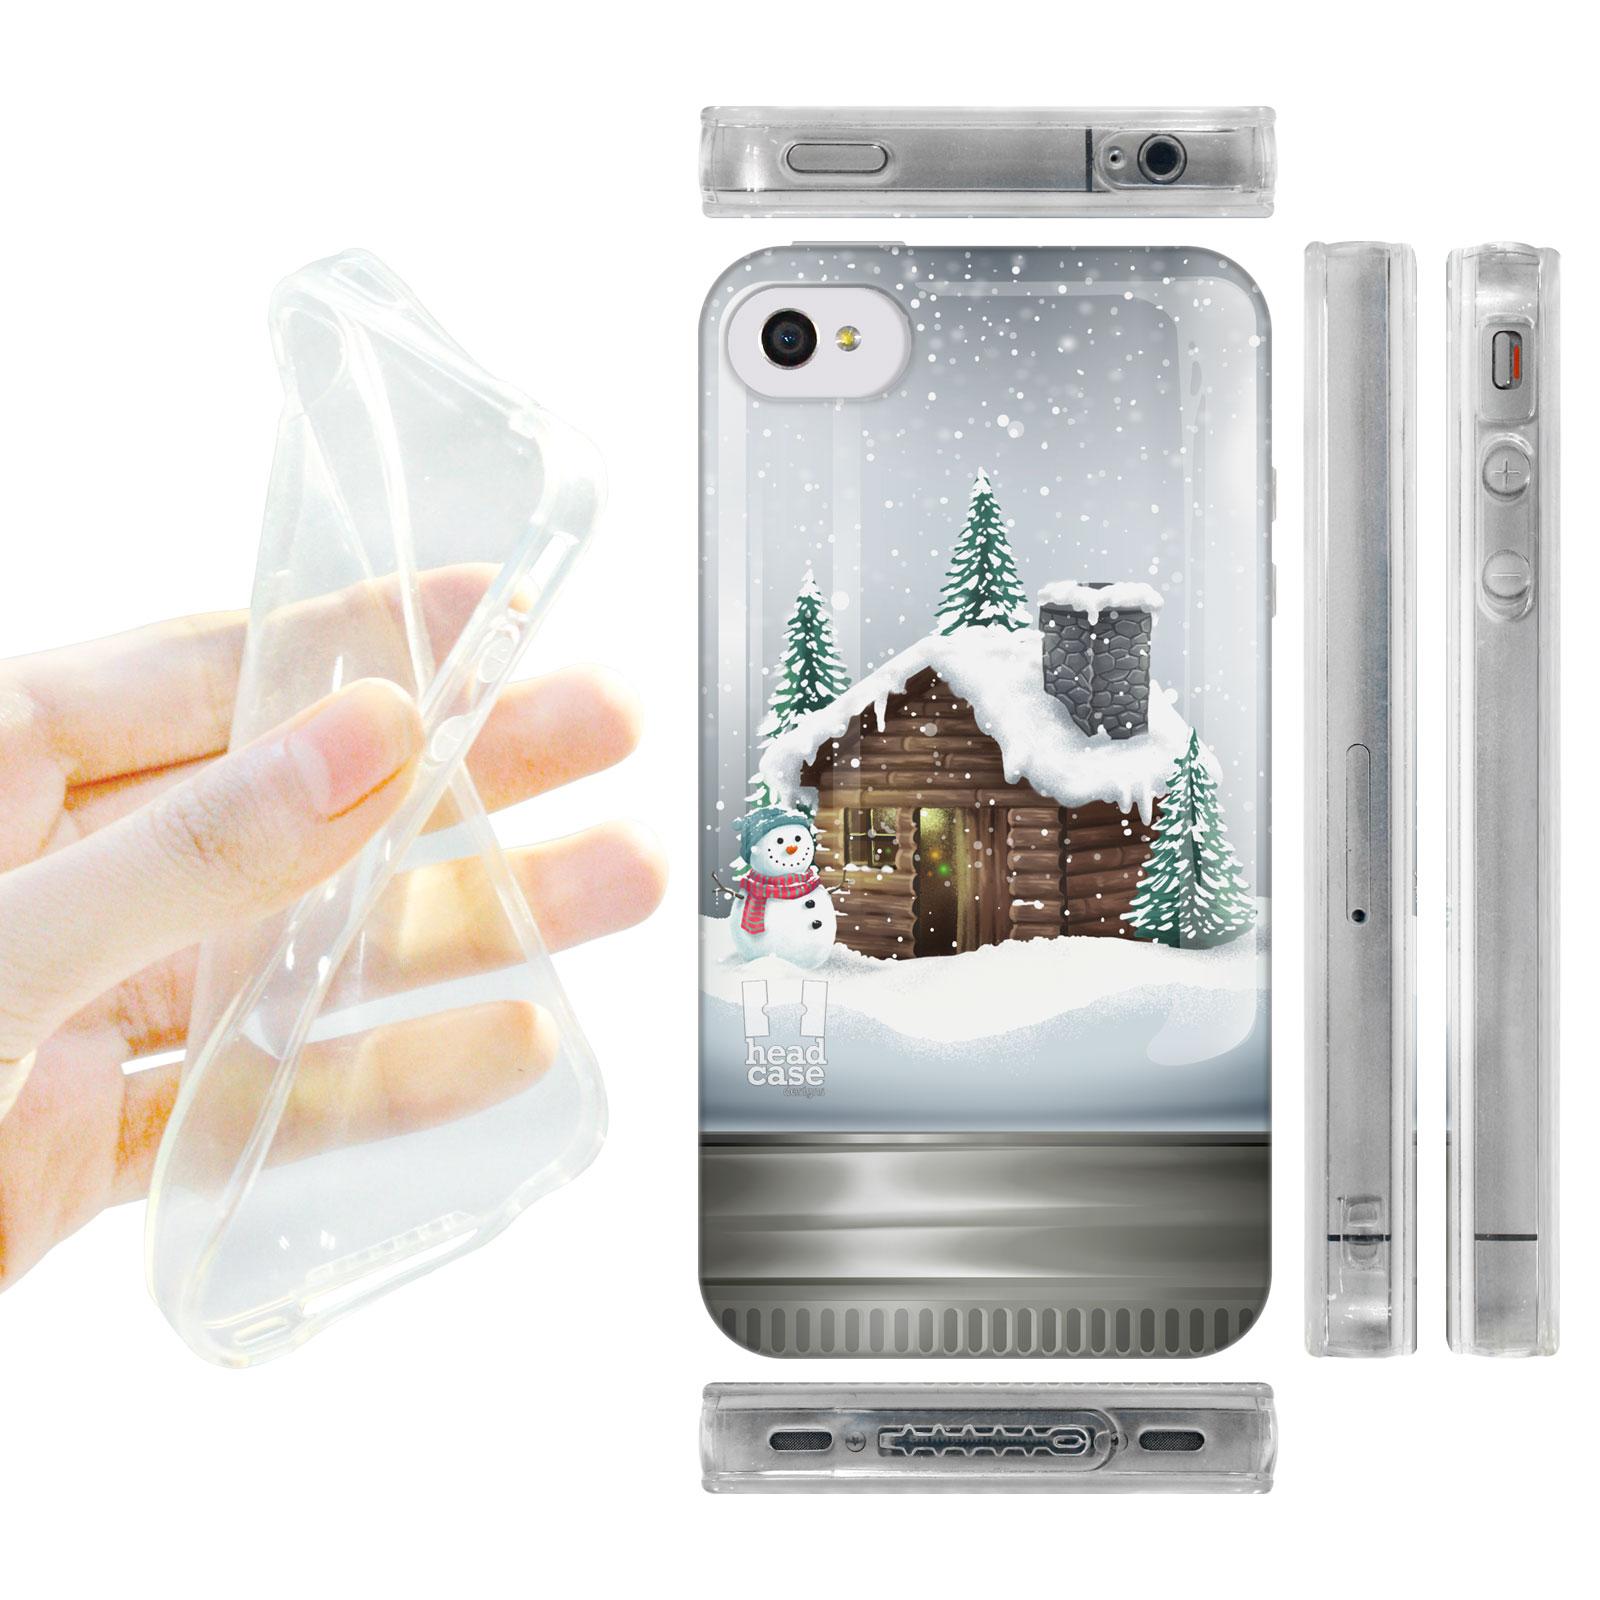 HEAD CASE silikonový obal na mobil Iphone 4 4S vánoční koule chatrč hnědá  barva empty 6e3c5888404